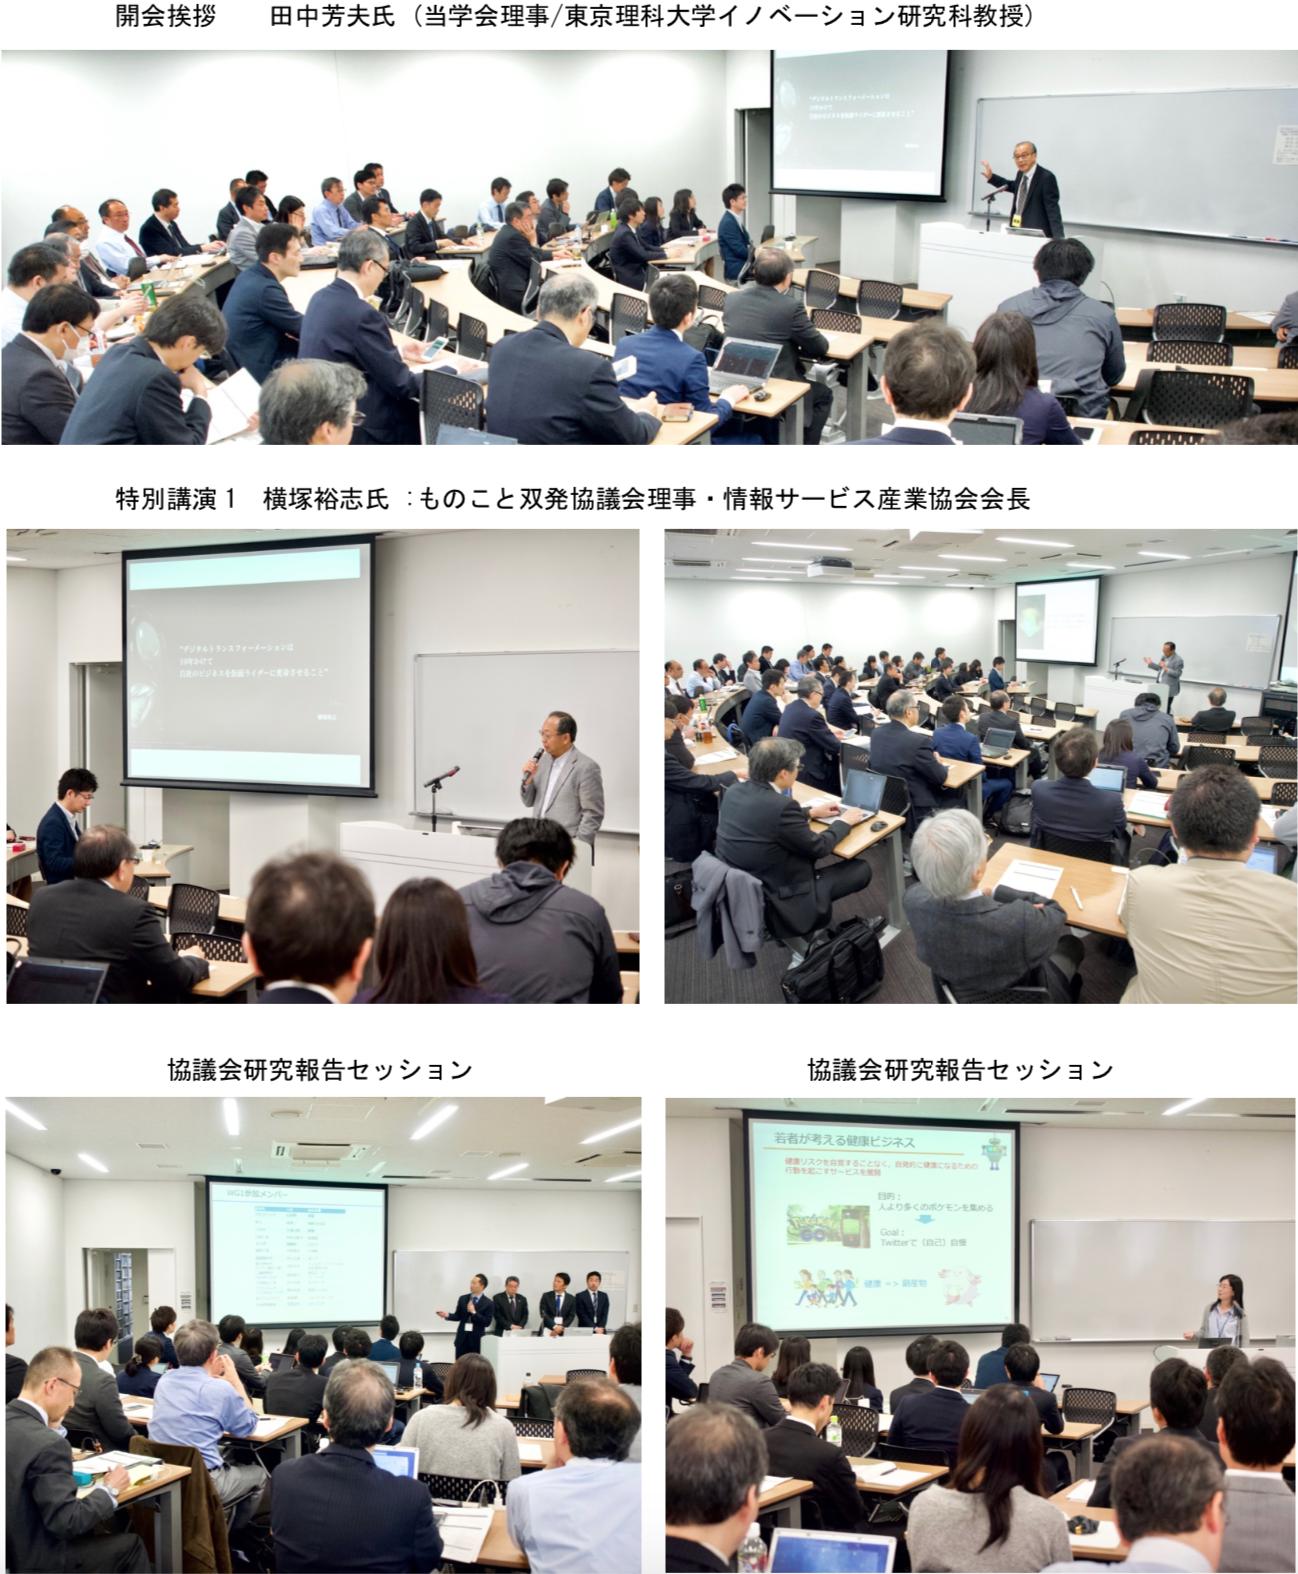 2017taikai_report1